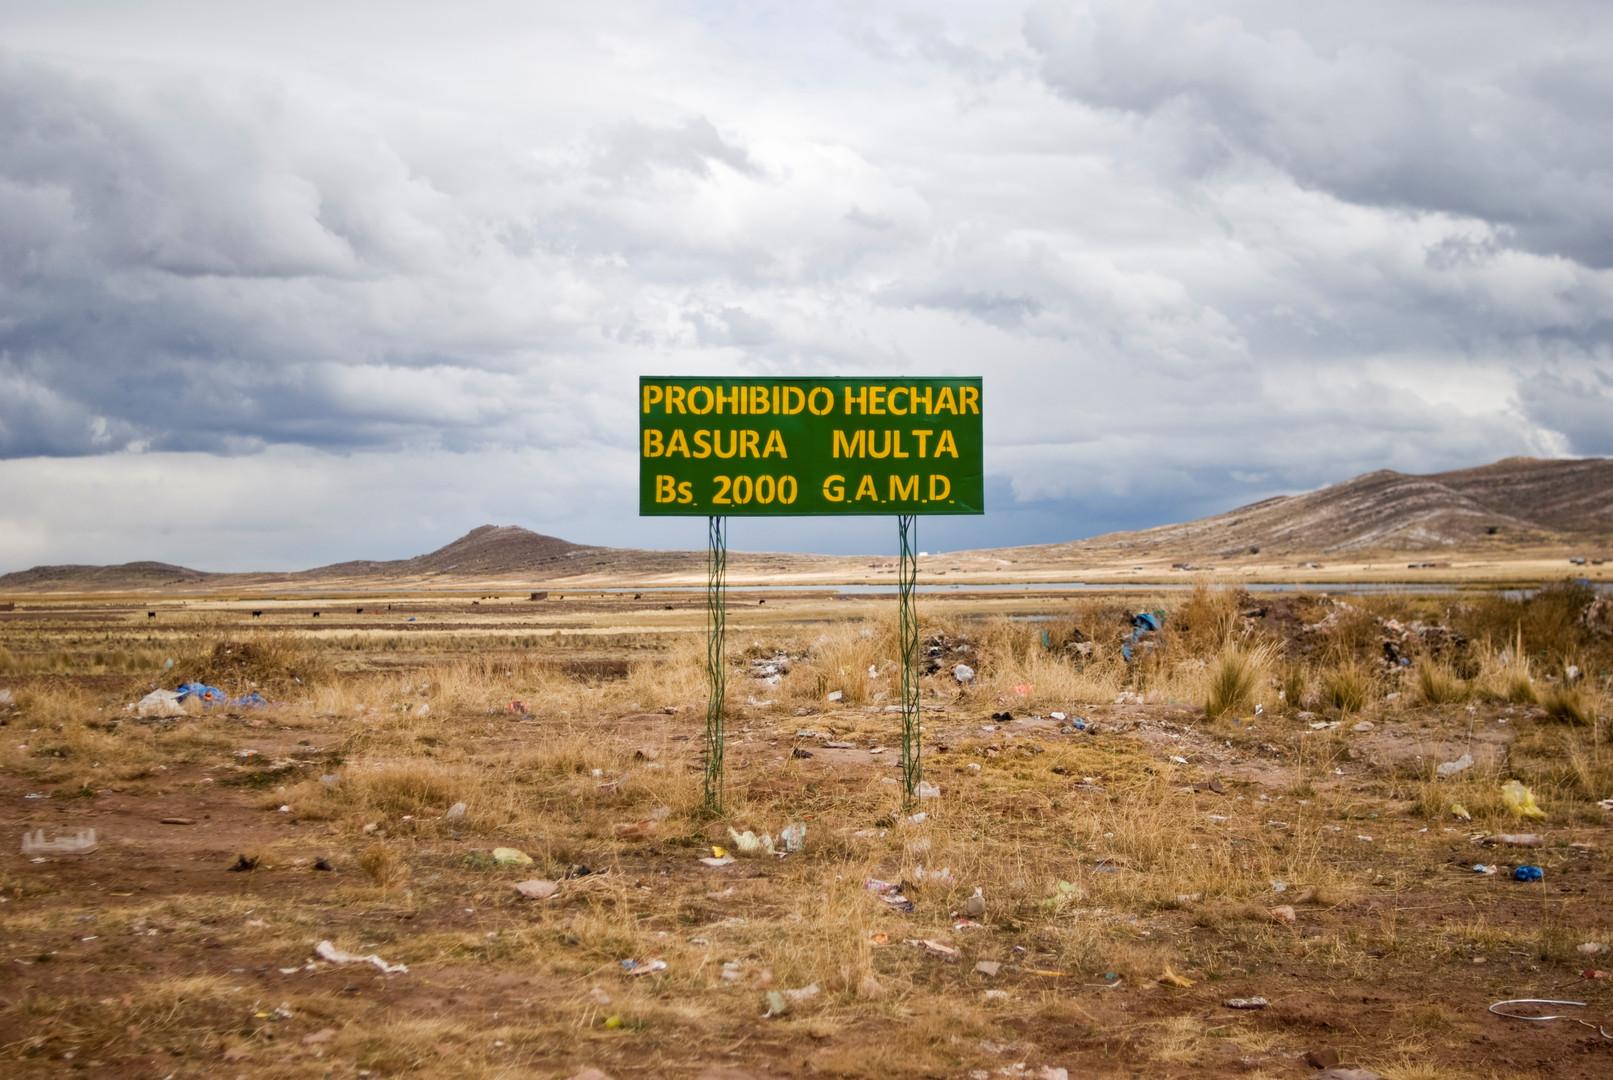 Schild informiert über Geldstrafen für illegale Müllentsorgung